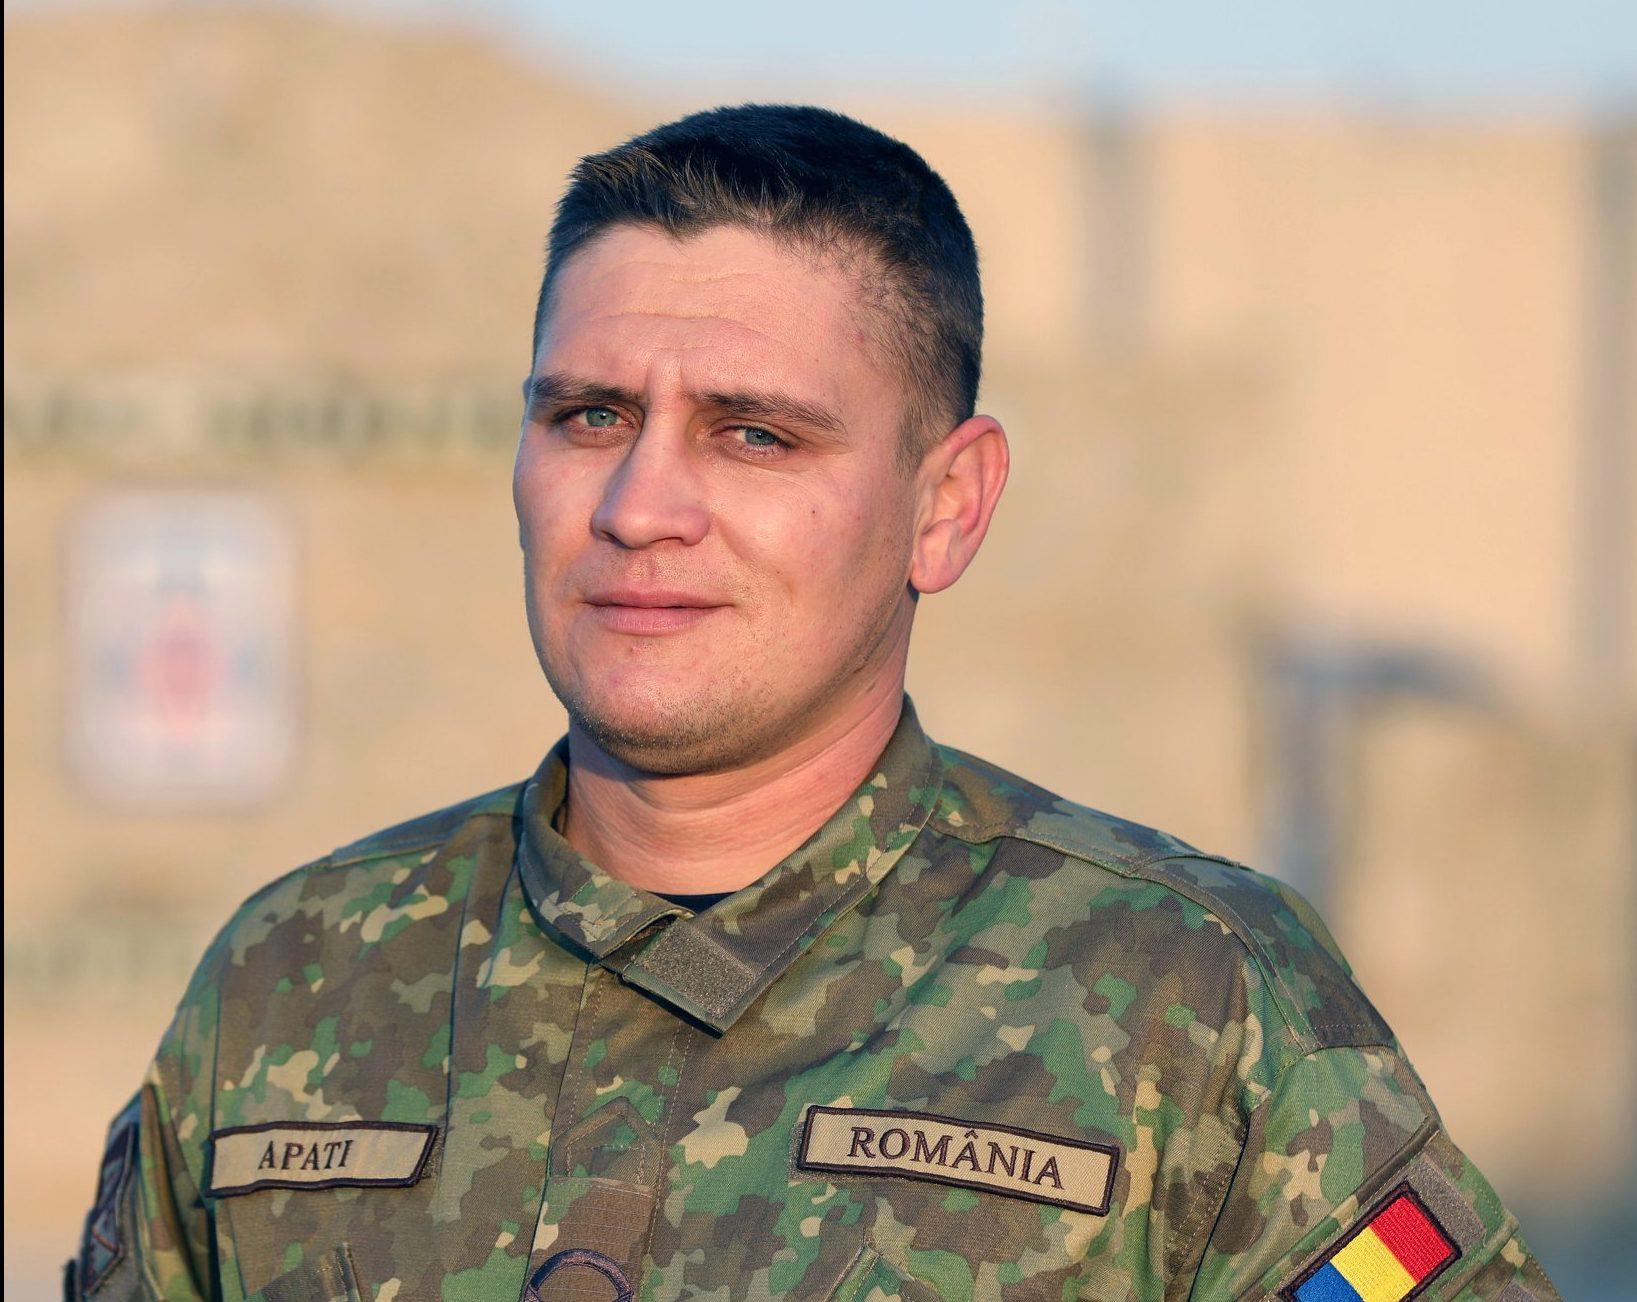 Un militar hunedorean, erou în Afganistan. Caporalul Paul Apati, primul care și-a ajutat colegii răniți în timpul unui atac